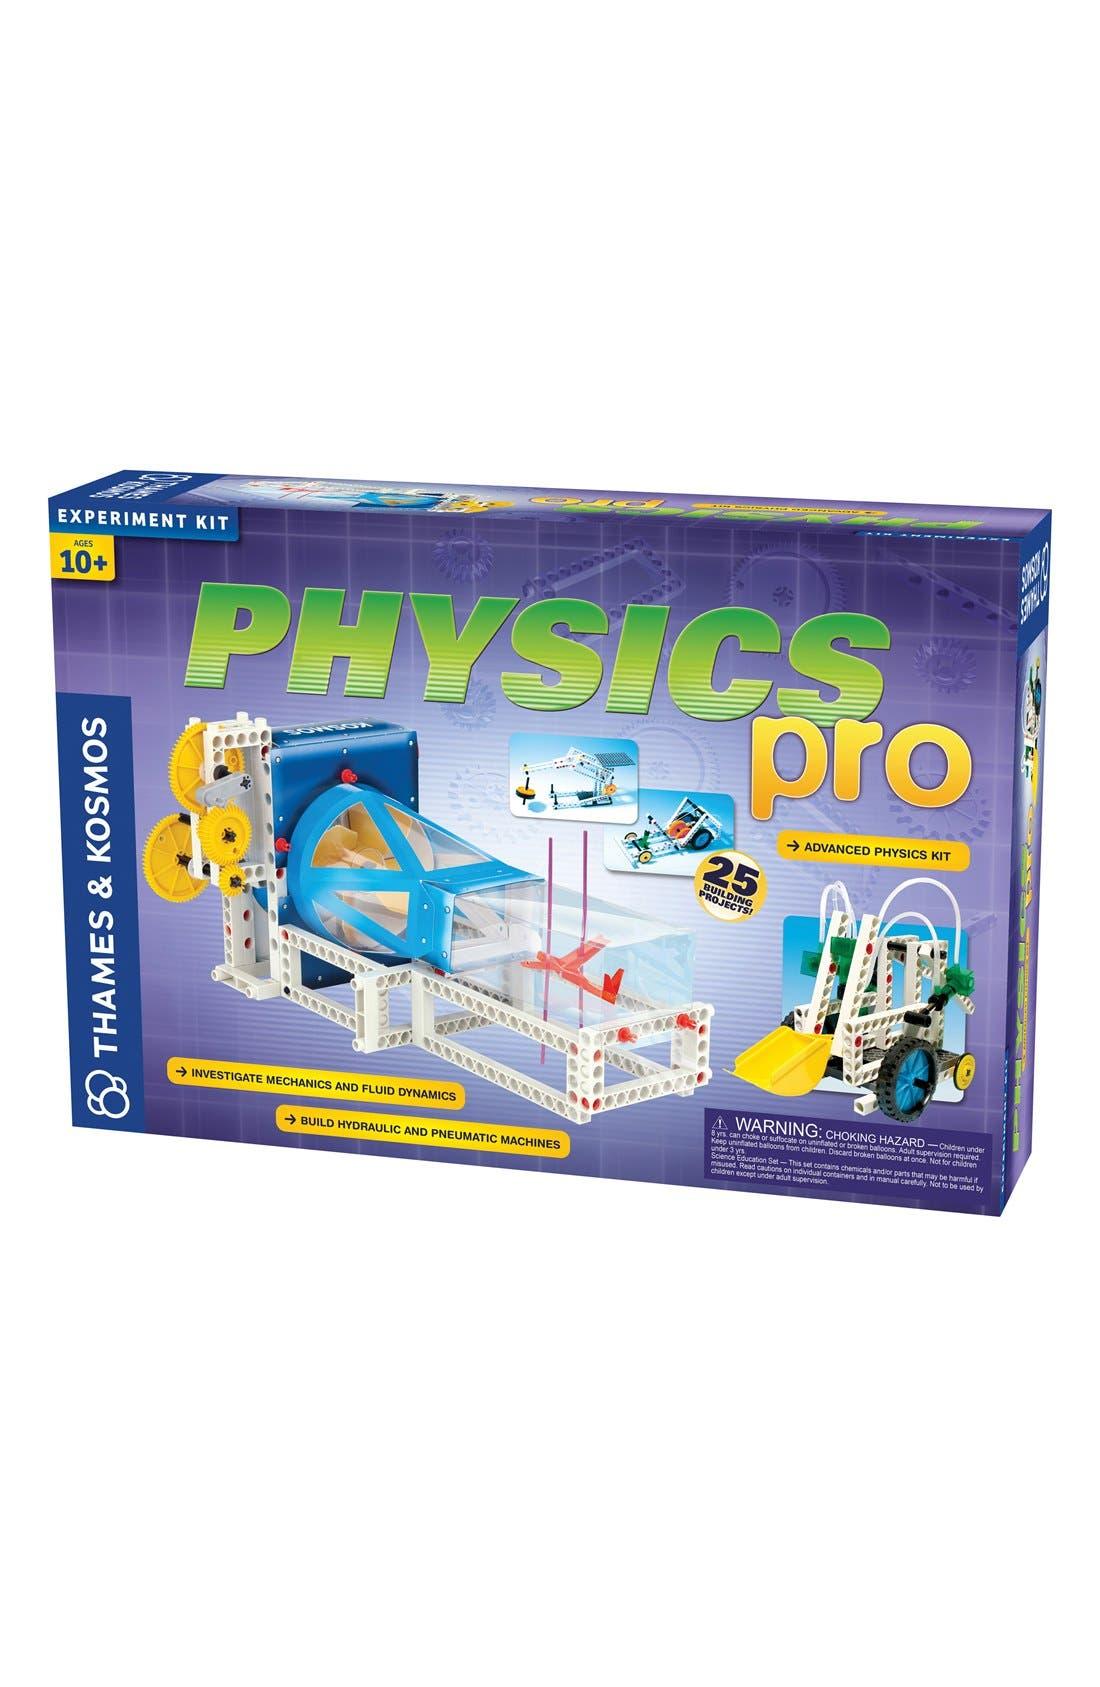 Thames & Kosmos 'Physics Pro - V2.0' Experiment Kit